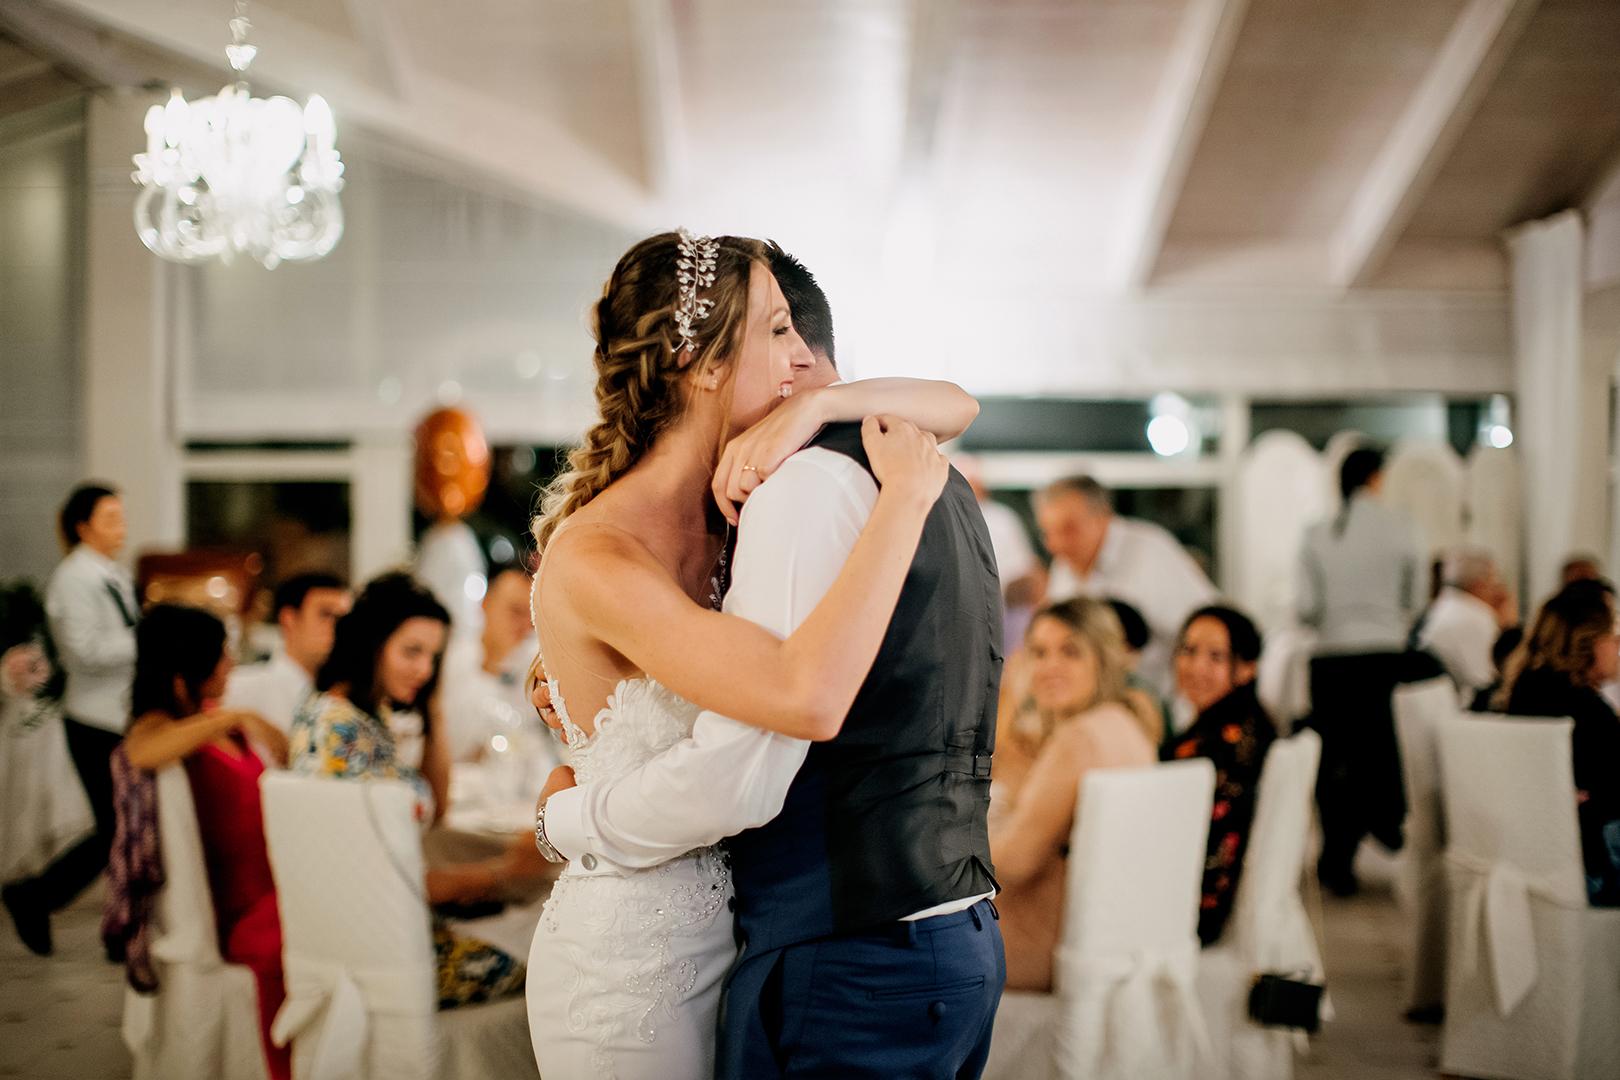 53 gianni-lepore-fotografo-primo-ballo-sposi-bride-groom